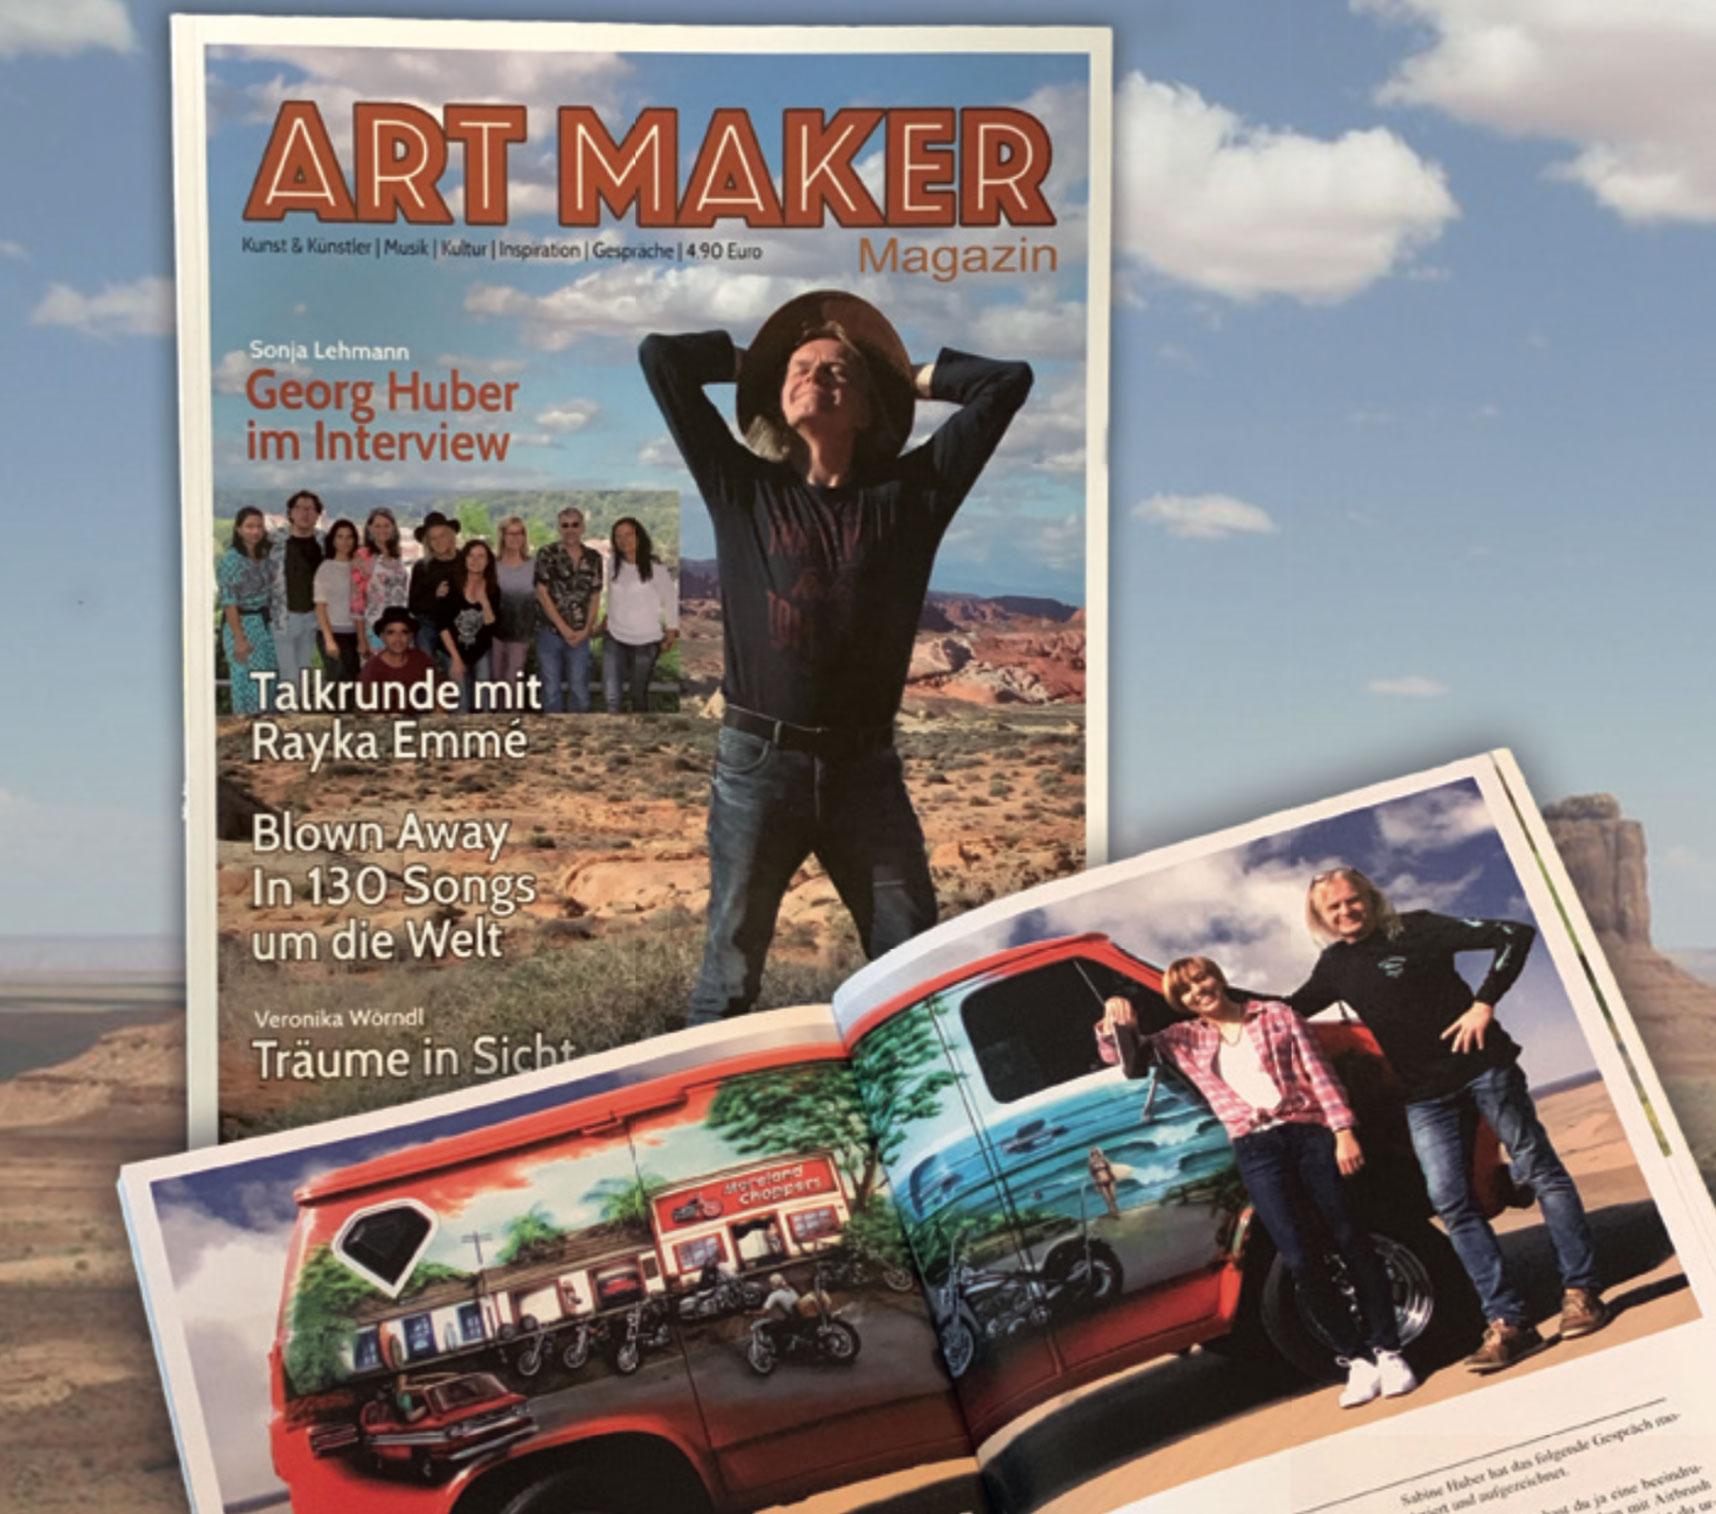 Art Maker Magazin: Die neue Kunstzeitschrift von Georg Huber